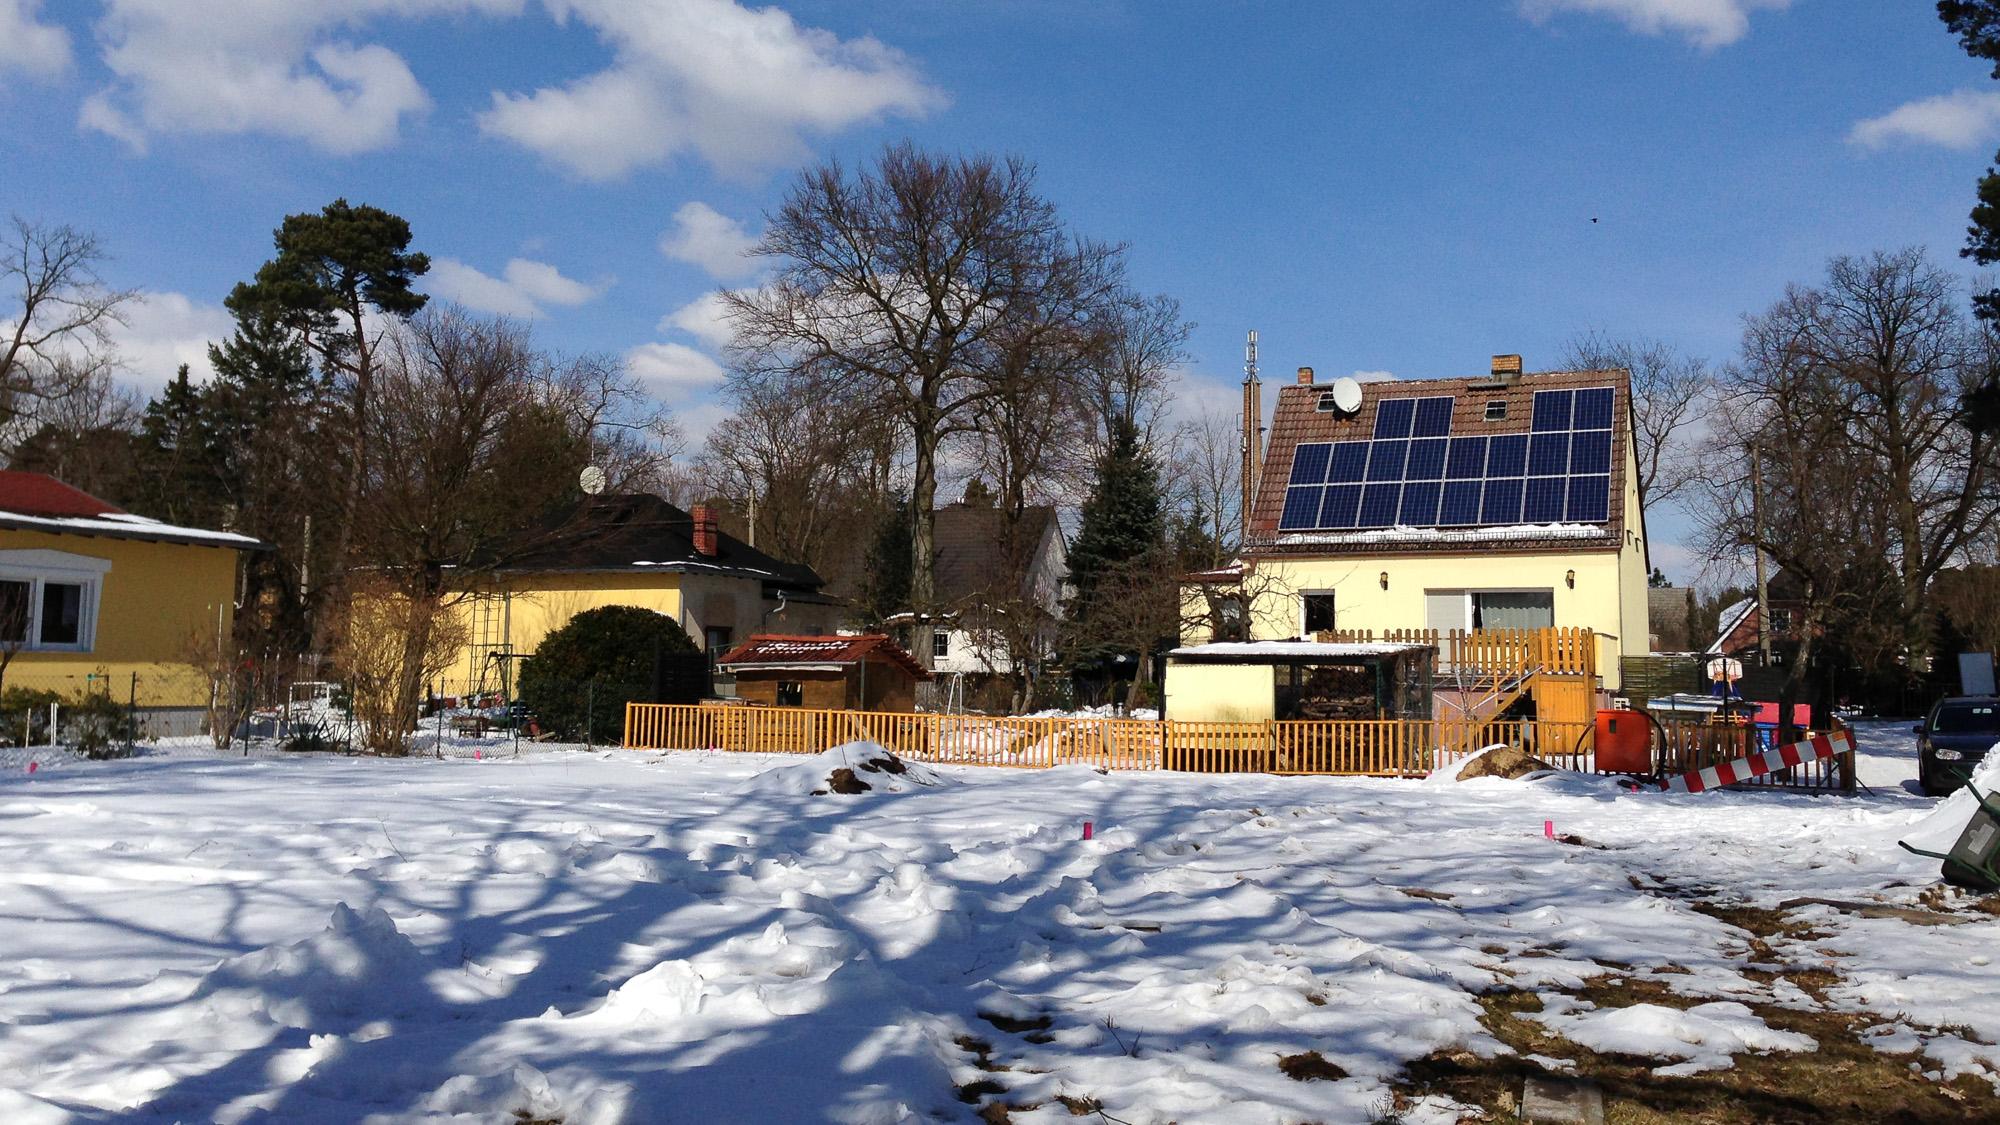 der Winter verhindert den Baustart